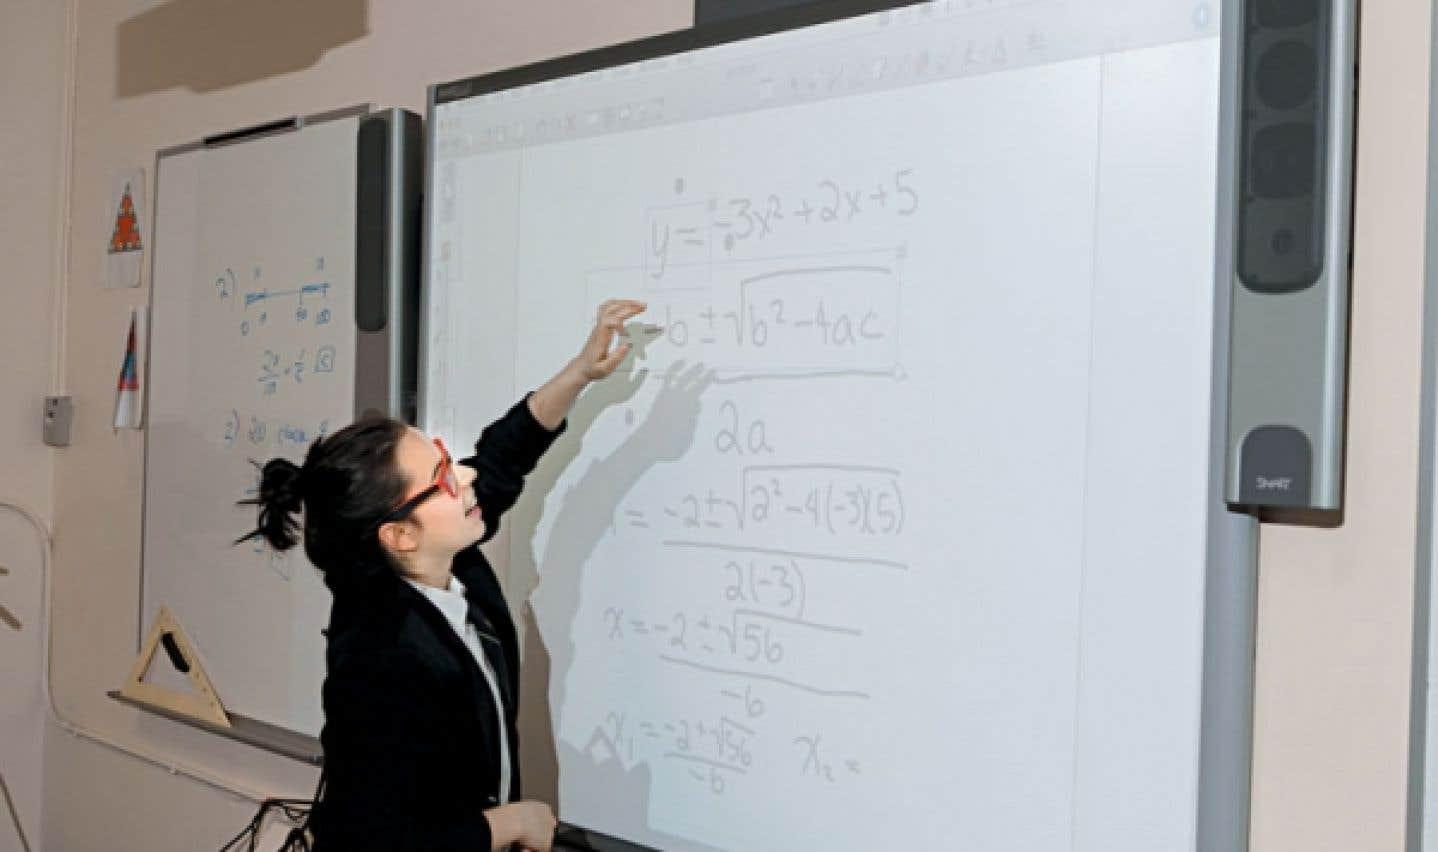 Fréquenter les écoles The Study ou Selwyn coûte plus de 16 000 dollars par an. La majorité des bourses octroyées couvrent moins de la moitié de ces coûts.